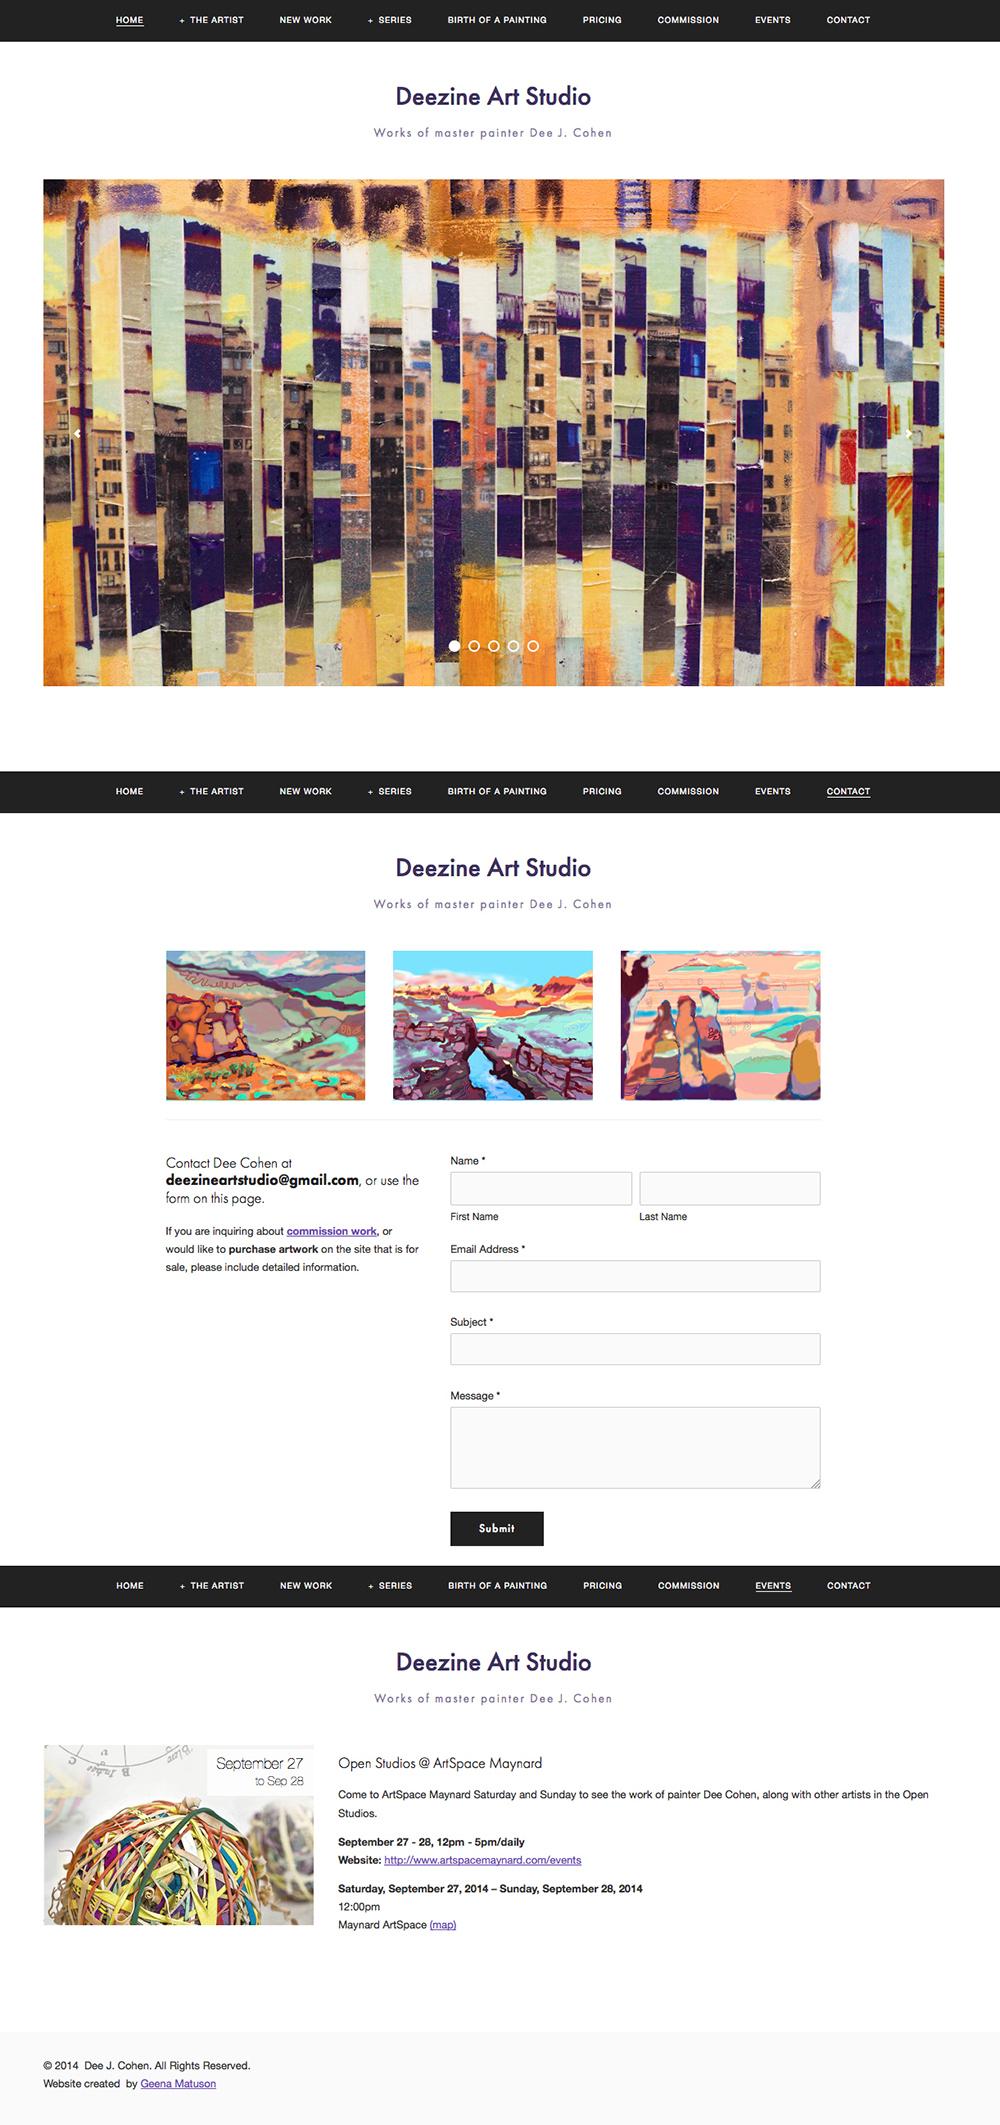 GeenaMatuson_Deezineartstudio_Webdesign.jpg